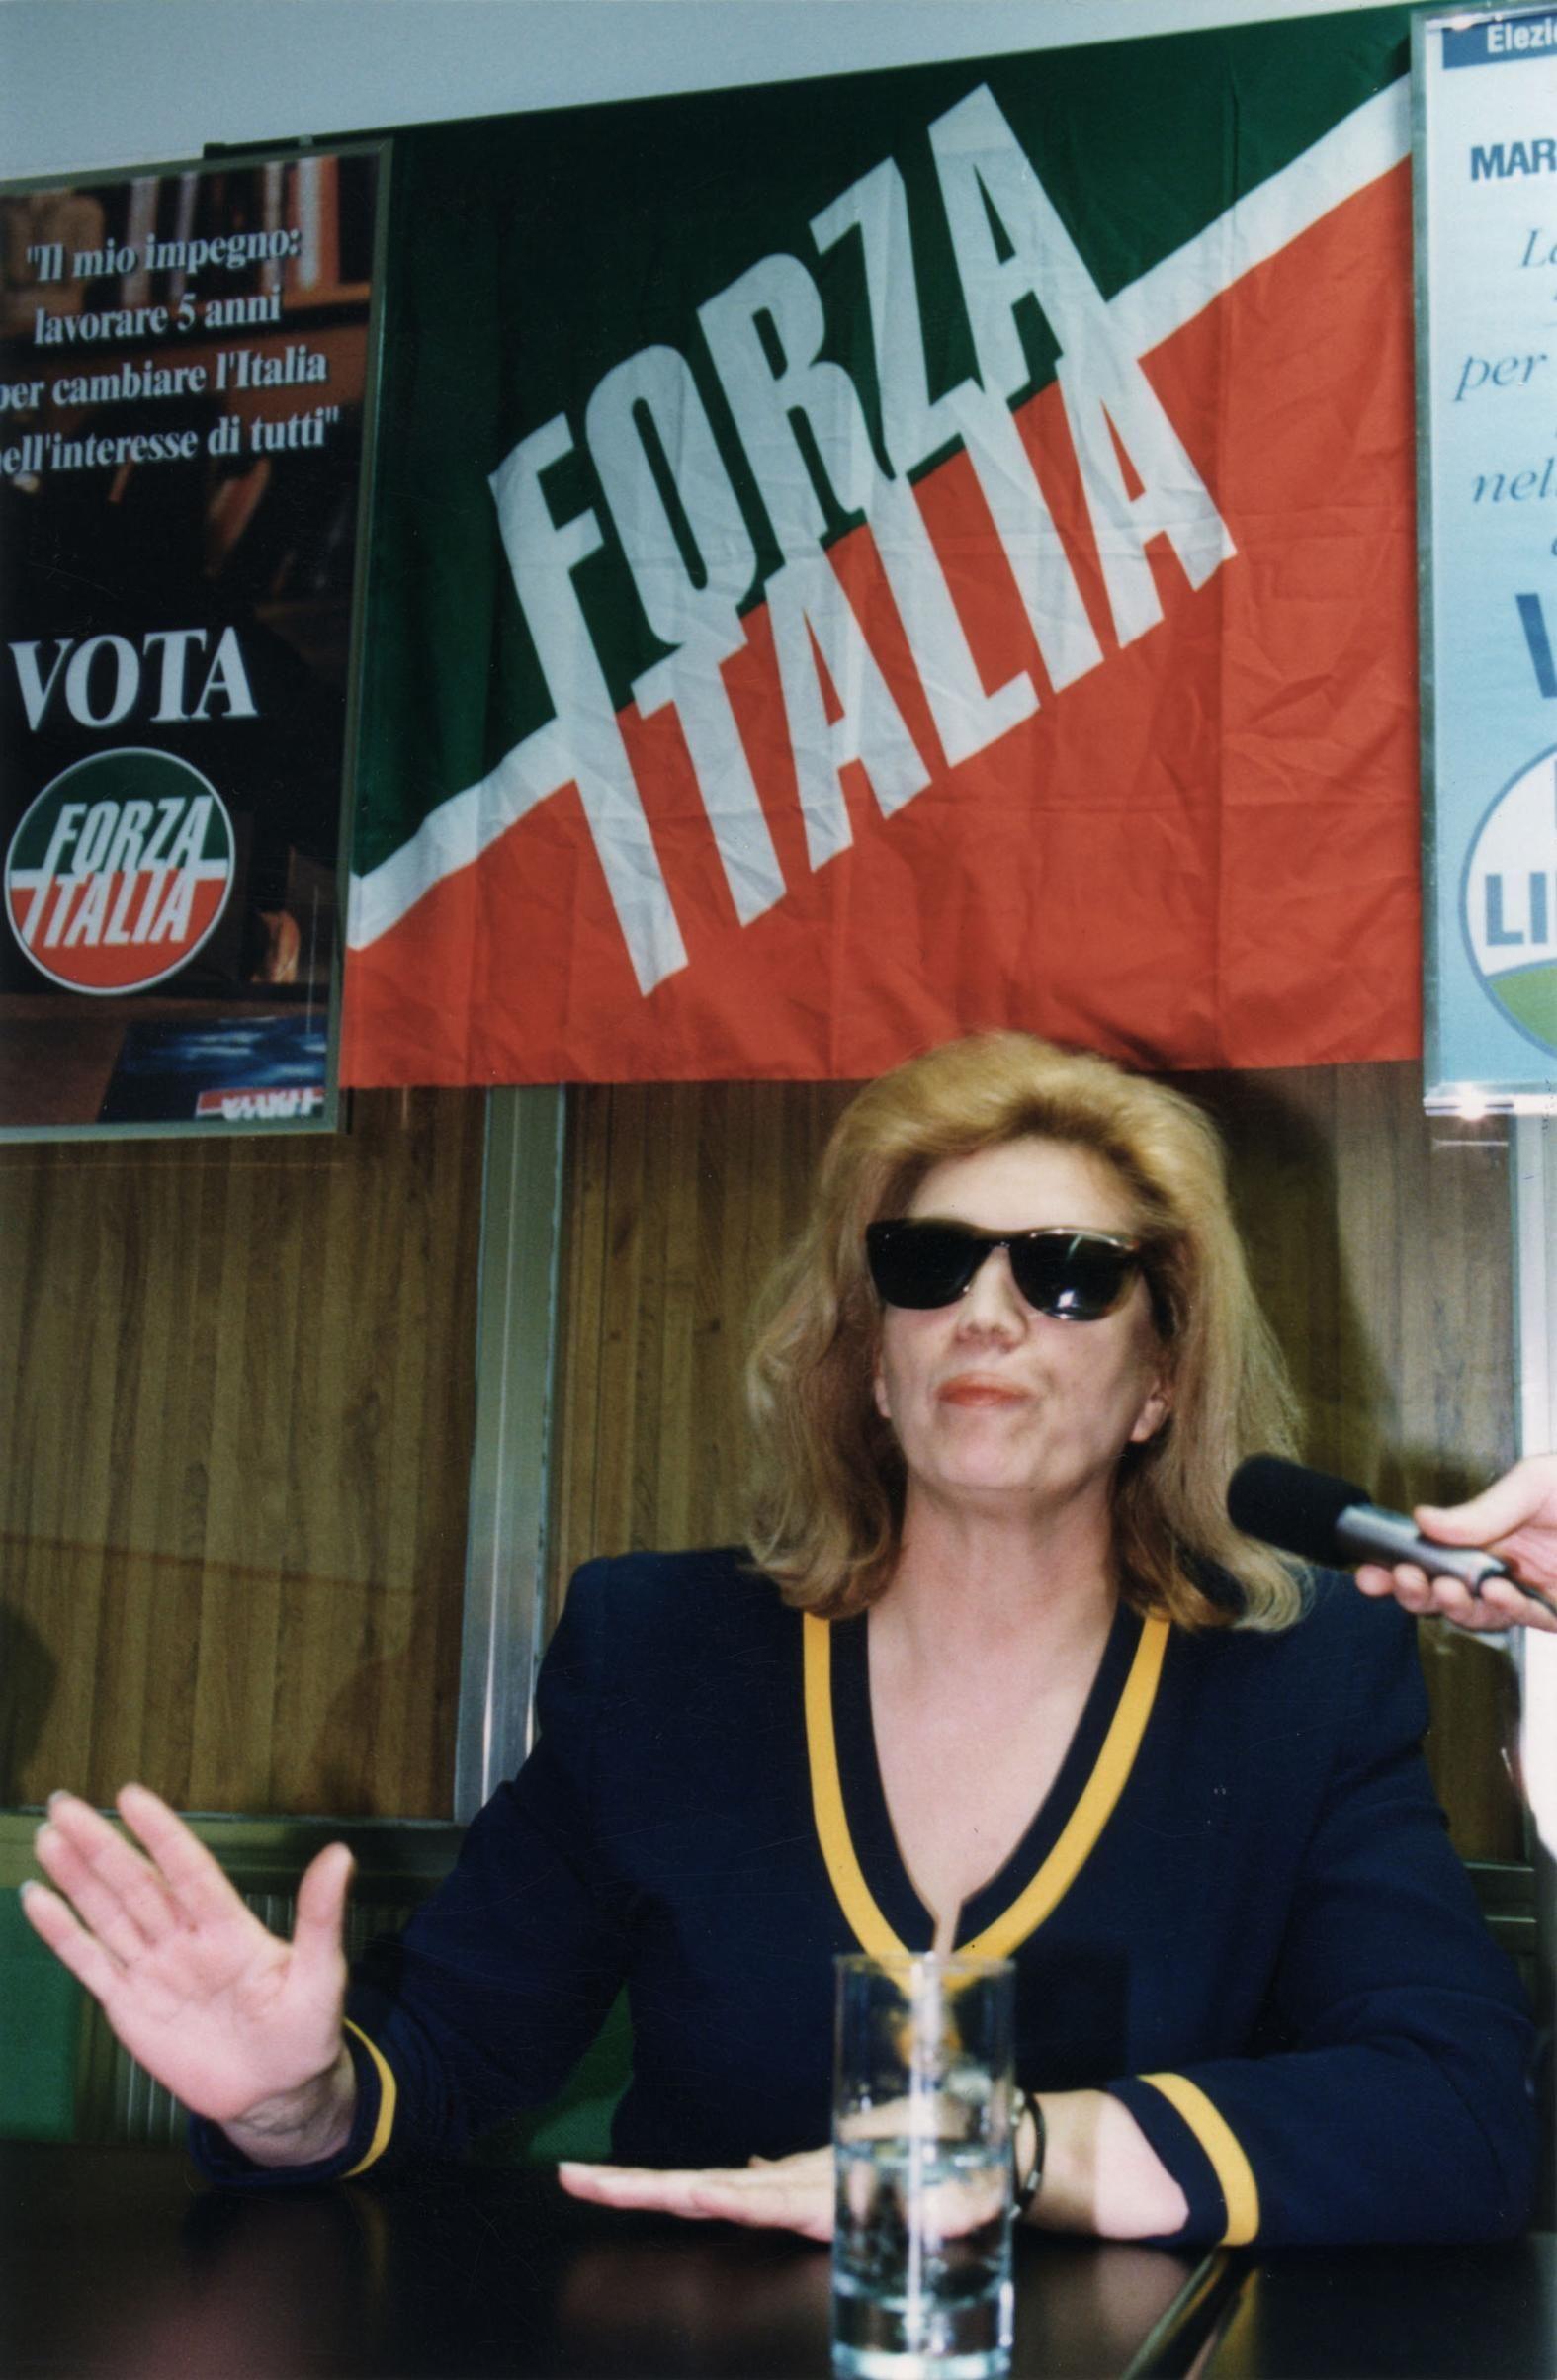 Foto dell'Italia anni Novanta per capire com'è cambiata in